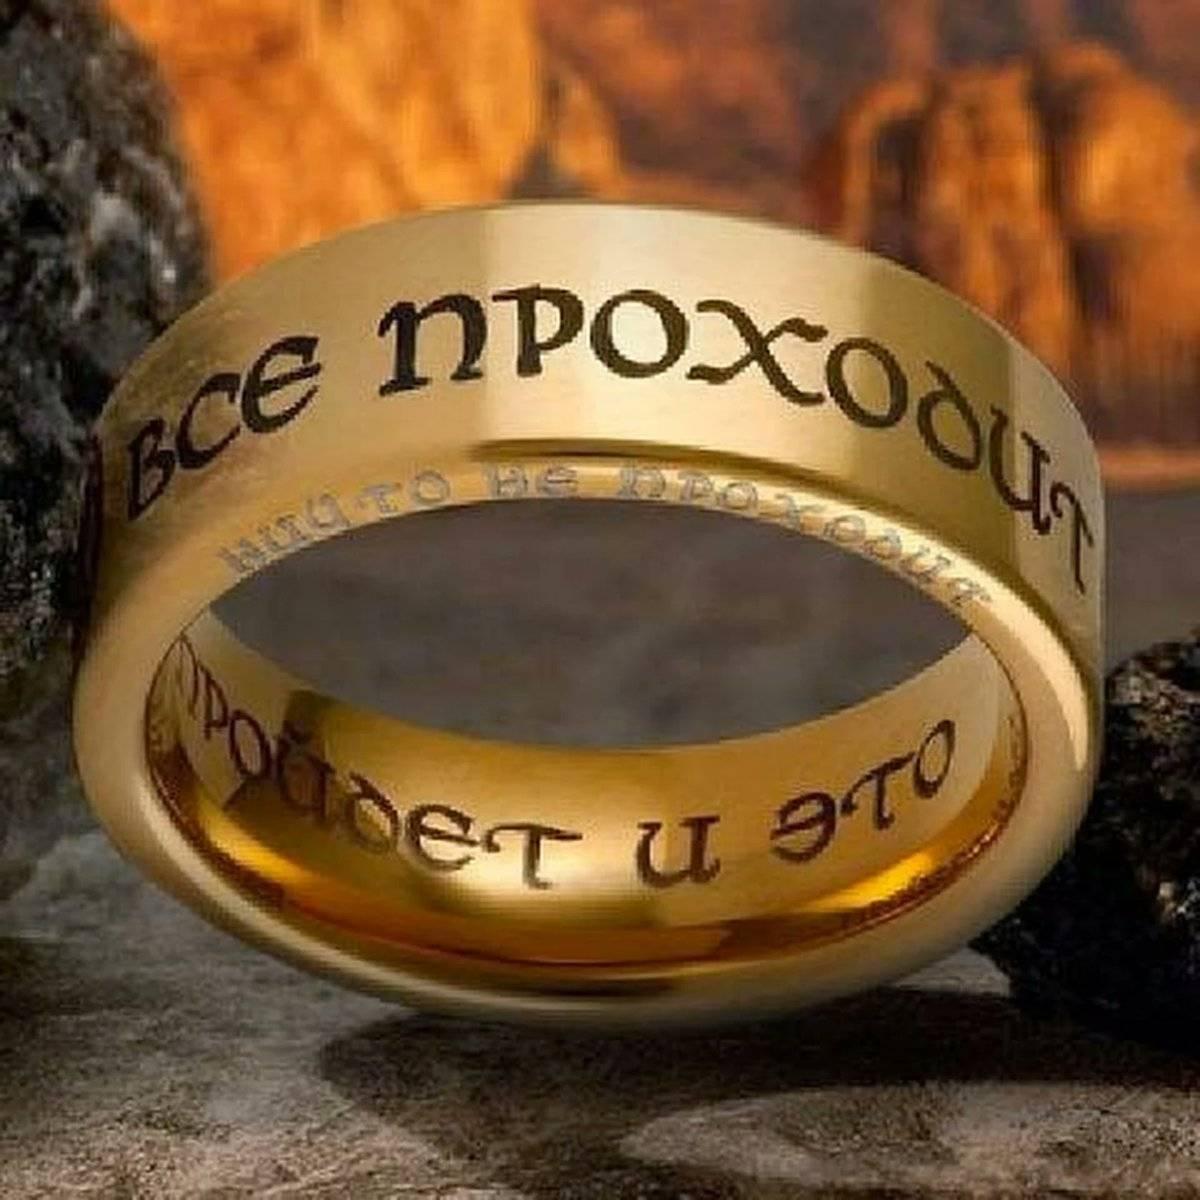 Три легенды о кольце царя соломона... но суть одна :) - город.томск.ру